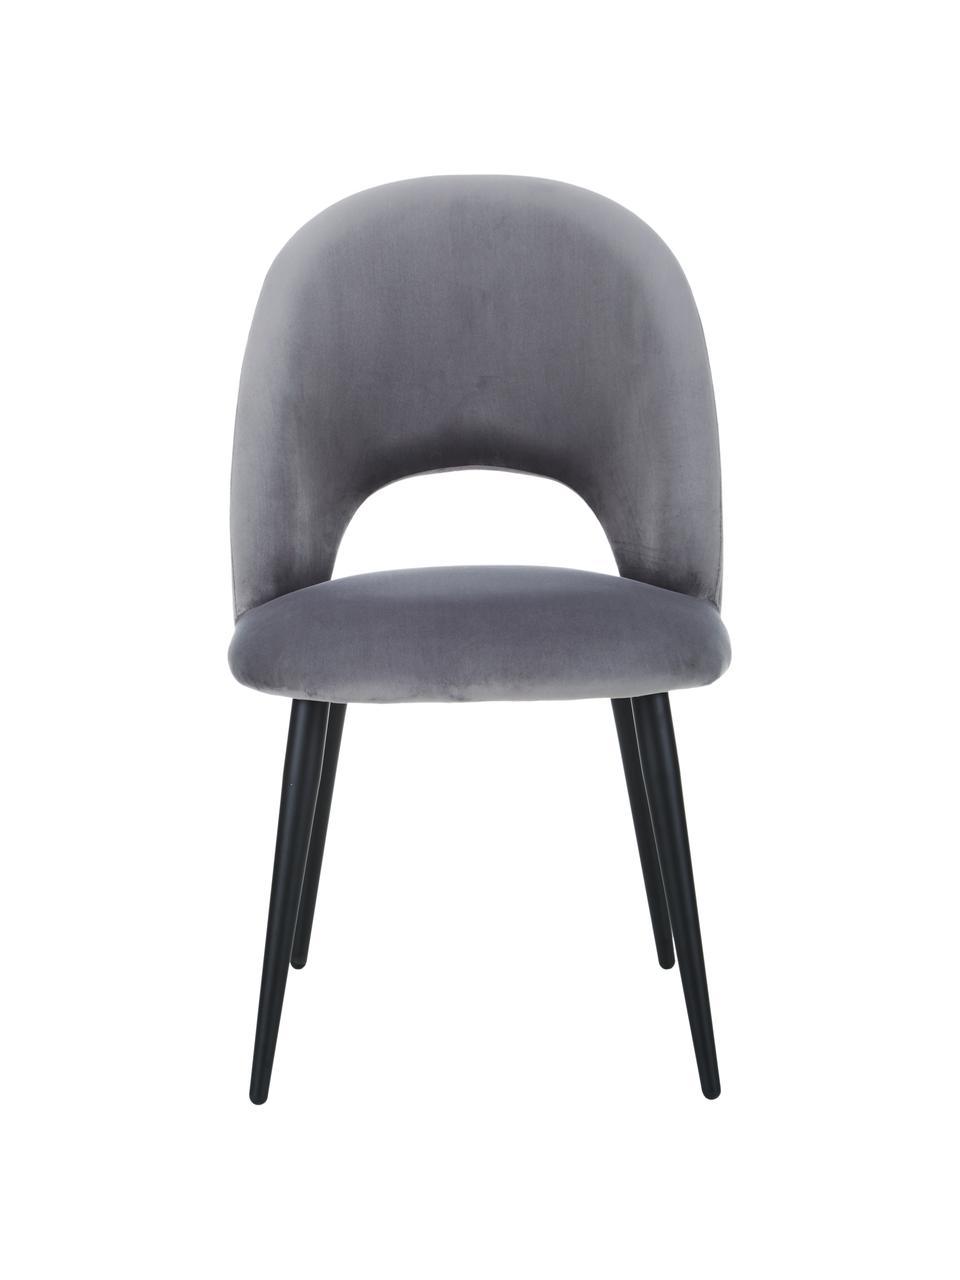 Krzesło tapicerowane z aksamitu Rachel, Tapicerka: aksamit (wysokiej jakości, Nogi: metal malowany proszkowo, Aksamitny stalowoszary, S 53 x G 57 cm